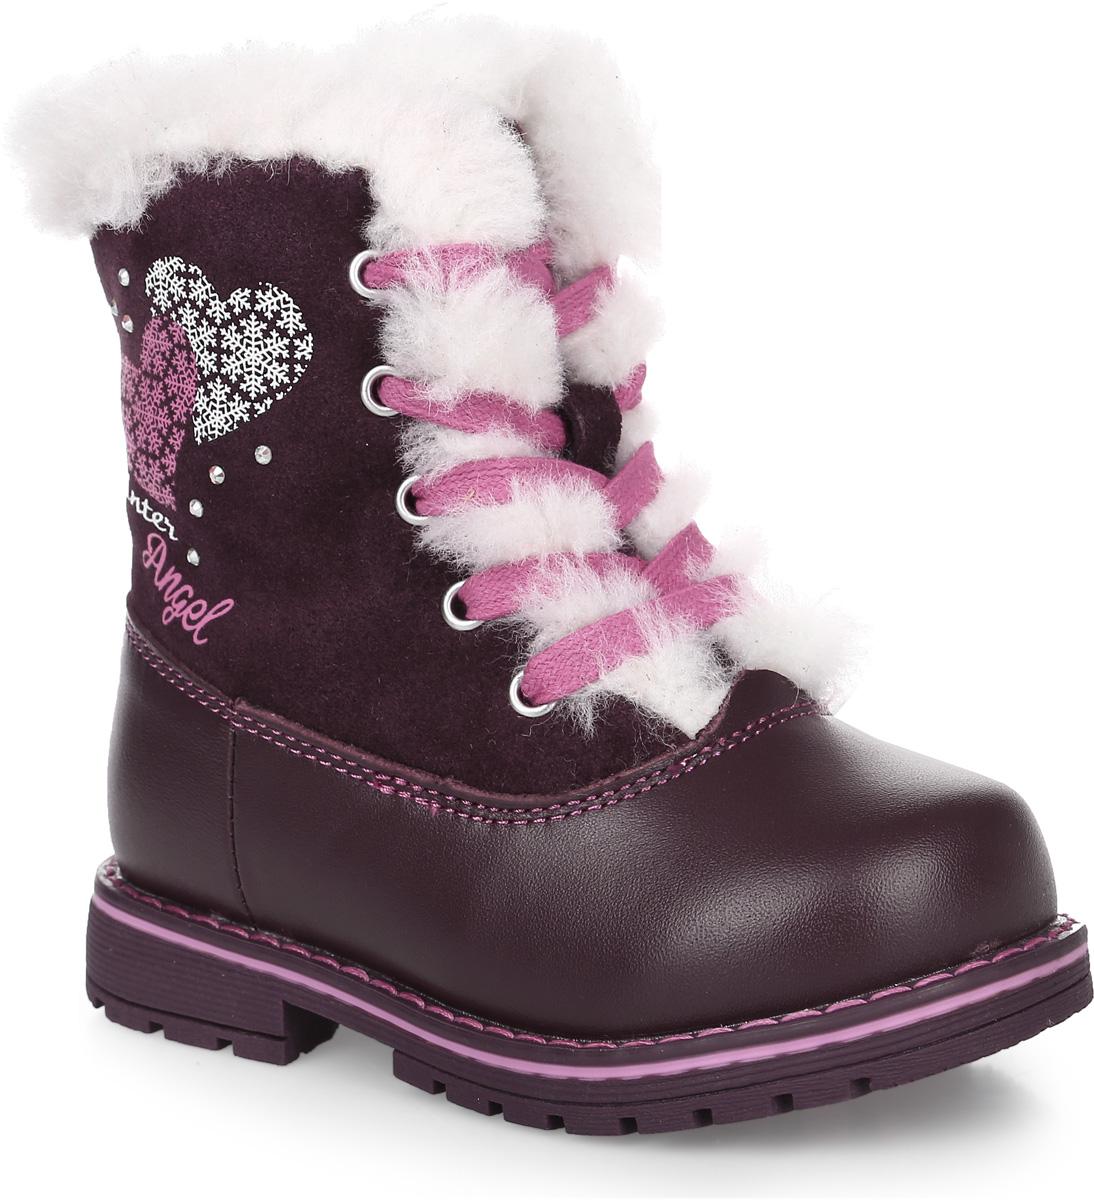 62092ш-1Ботинки от Kapika придутся по душе вашей девочке. Модель идеально подходит для зимы, сохраняет комфортный микроклимат в обуви как при ношении на улице, так и в помещении. Верх обуви изготовлен из натуральной замши и натуральной кожи. Обувь декорирована меховой полоской, боковая сторона - стразами и принтом. Классическая шнуровка и застежка-молния надежно зафиксируют изделие на ноге. Подкладка и стелька изготовлены из натуральной овечьей шерсти, что позволяет сохранить тепло и гарантирует уют ногам. Подошва с рифлением обеспечивает идеальное сцепление с любыми поверхностями. Такие чудесные ботинки займут достойное место в гардеробе вашего ребенка.